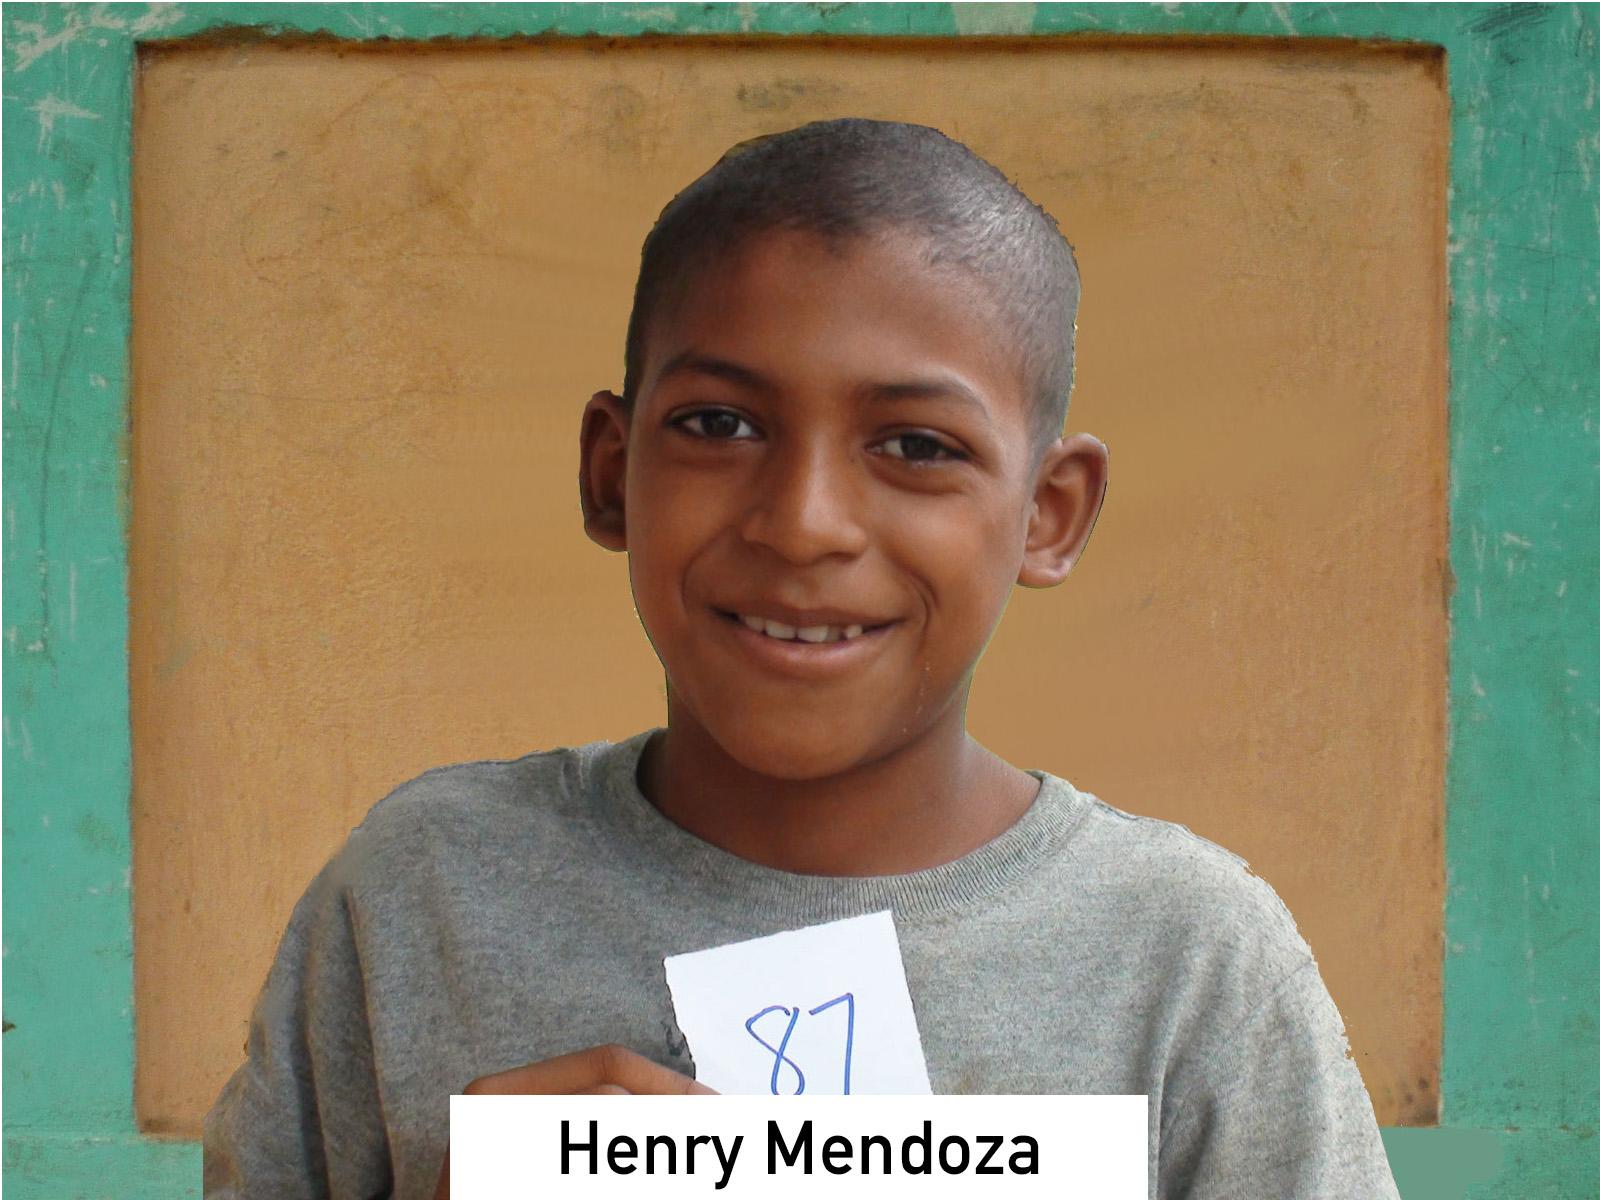 087 - Henry Mendoza.jpg